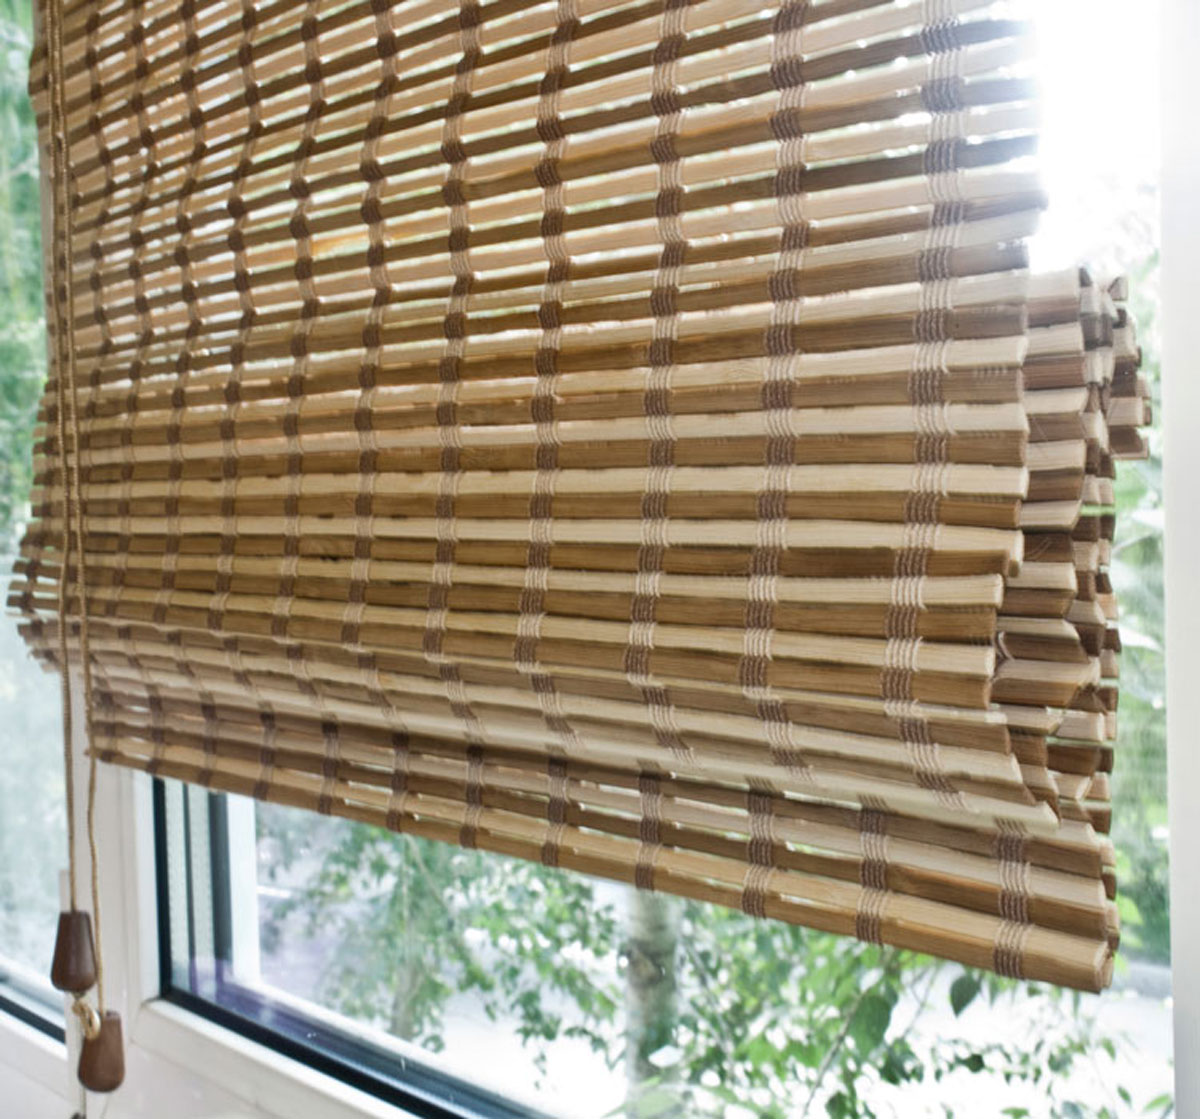 Римская штора Эскар Бамбук, цвет: микс, ширина 60 см, высота 160 см72959060160Римская штора Эскар, выполненная из натурального бамбука, является оригинальным современным аксессуаром для создания необычного интерьера в восточном или минималистичном стиле.Римская бамбуковая штора, как и тканевая римская штора, при поднятии образует крупные складки, которые прекрасно декорируют окно. Особенность устройства полотна позволяет свободно пропускать дневной свет, что обеспечивает мягкое освещение комнаты. Римская штора из натурального влагоустойчивого материала легко вписывается в любой интерьер, хорошо сочетается с различной мебелью и элементами отделки. Использование бамбукового полотна придает помещению необычный вид и визуально расширяет пространство. Бамбуковые шторы требуют только сухого ухода: пылесосом, щеткой, веником или влажной (но не мокрой!) губкой. Комплект для монтажа прилагается.